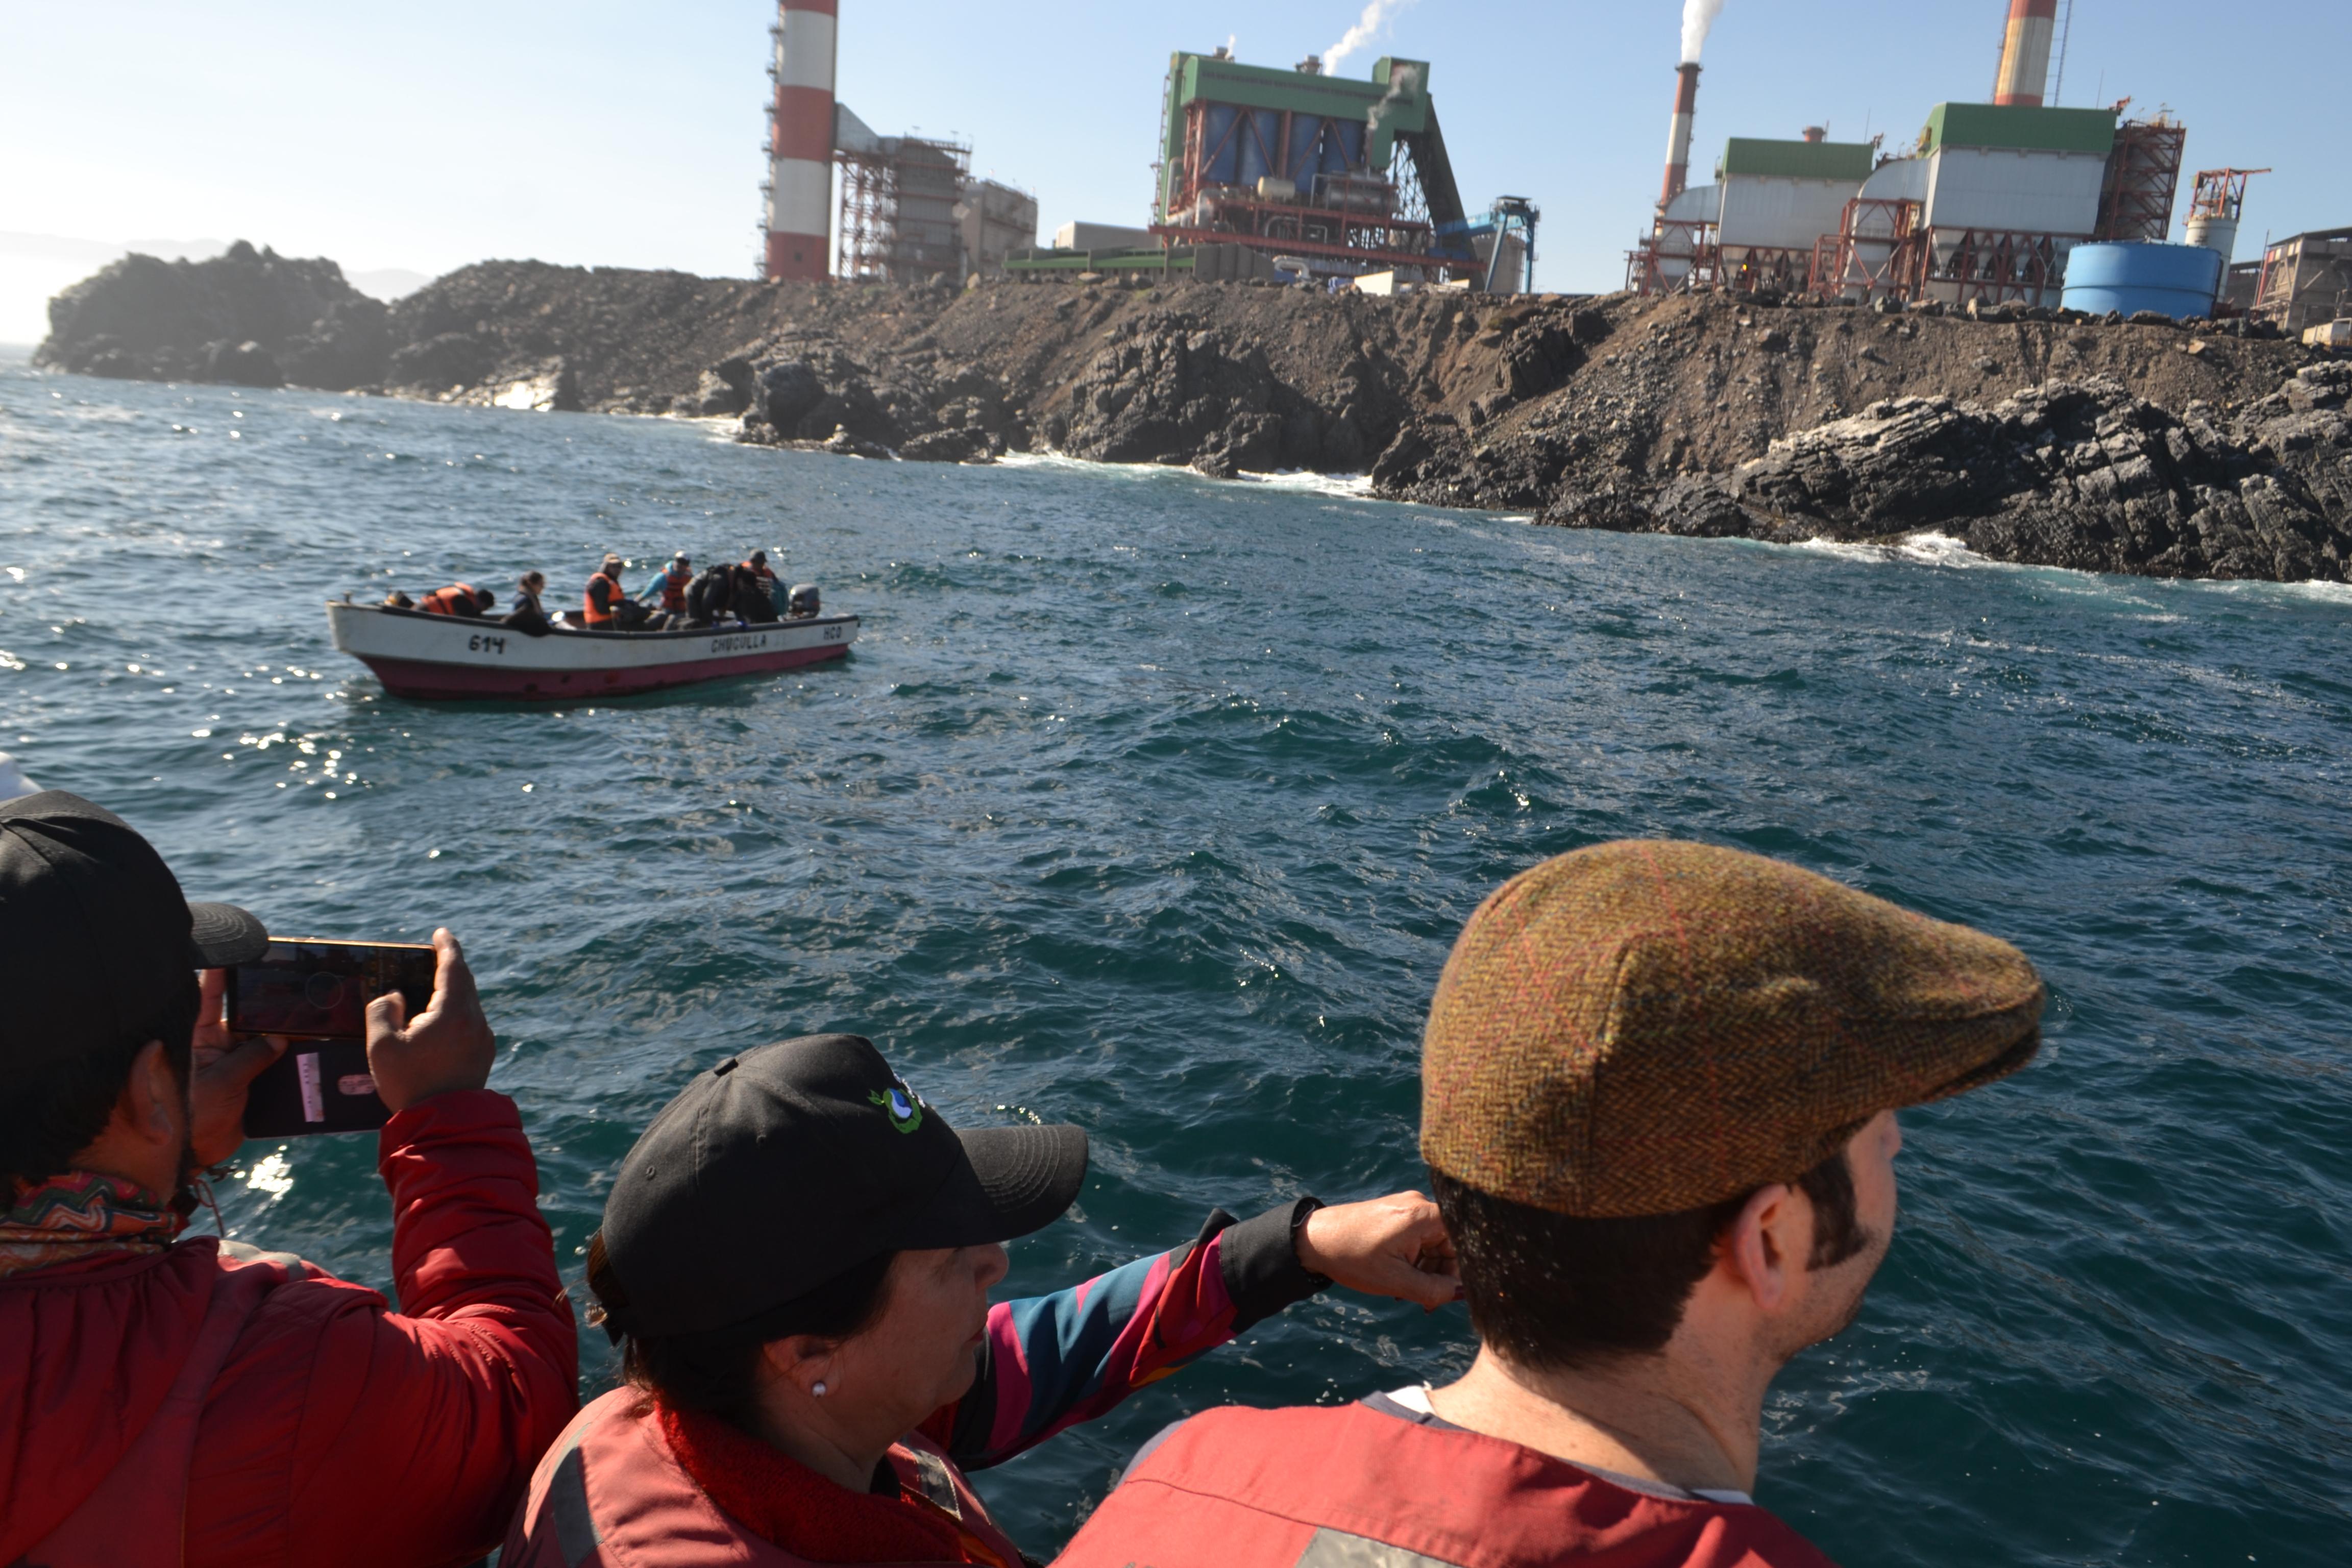 Autoridades regionales presenciaron toma de muestras durante monitoreo ambiental en la bahía de Huasco